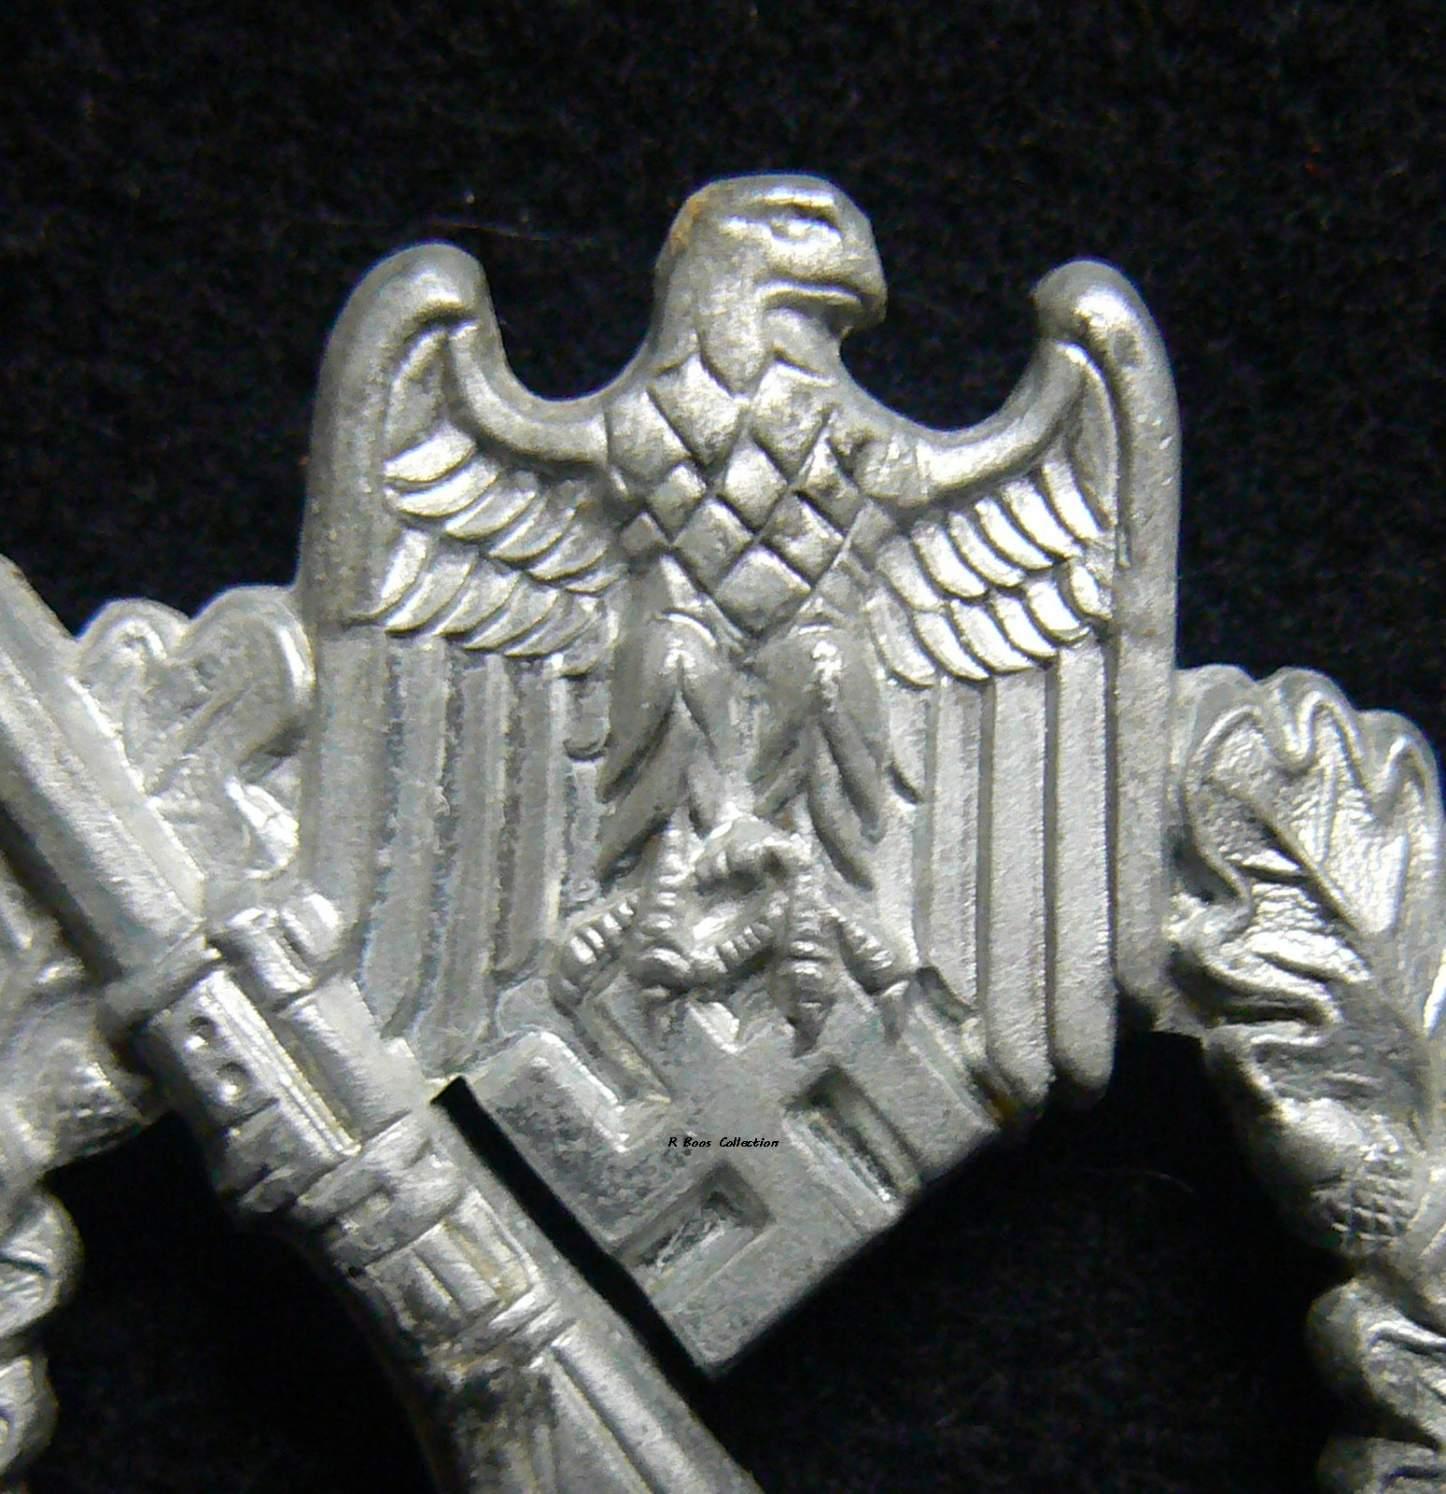 Infantrie Sturmabzeichen in Silver, Friedrich Orth, L/14  | Sõja